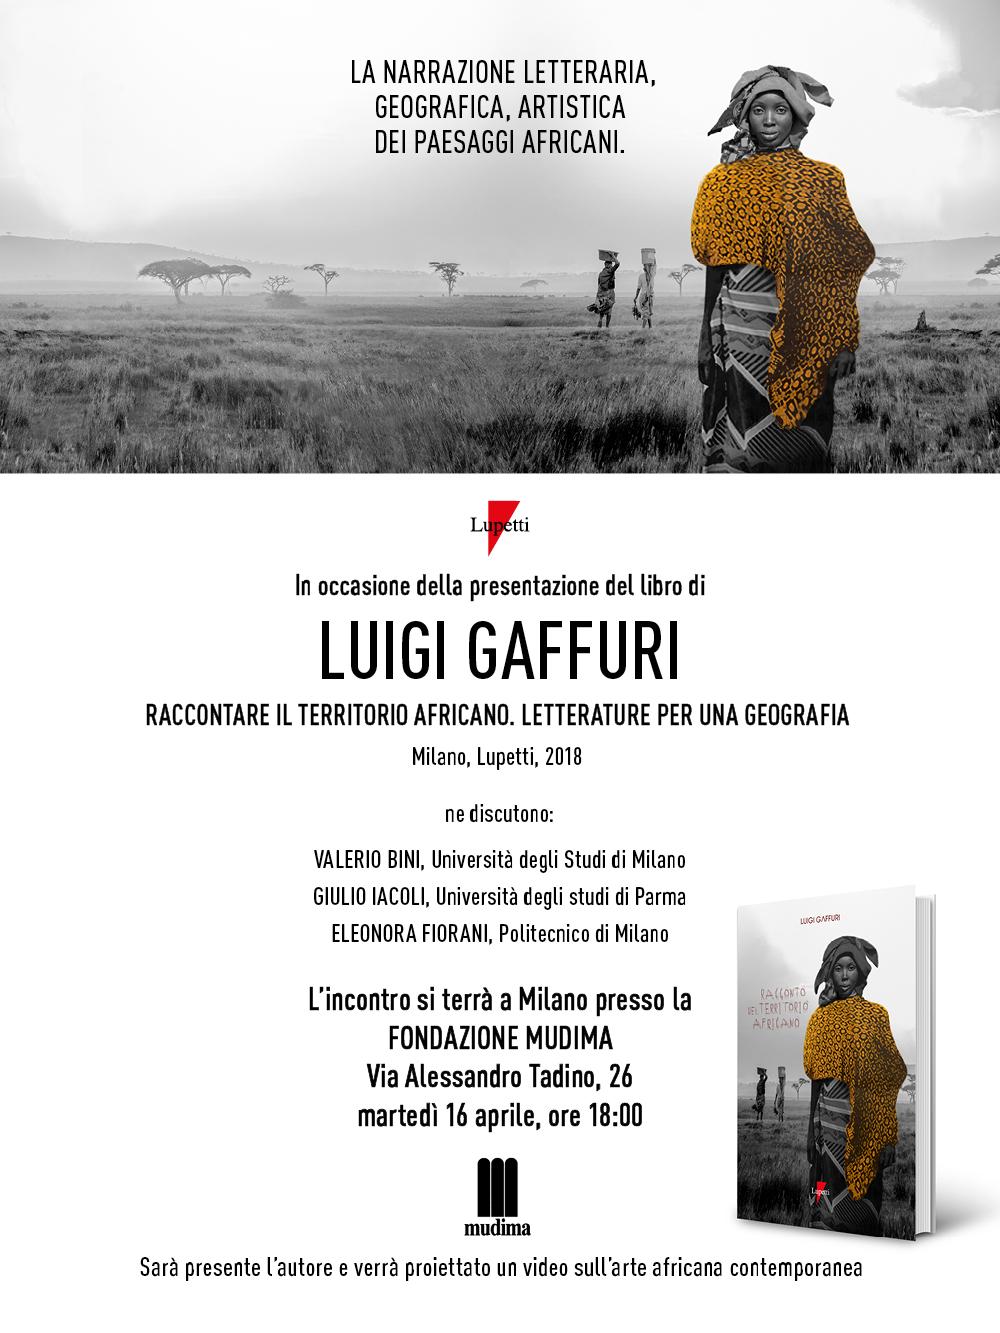 GAFFURI - Invito presentazione libro Africa a Milano